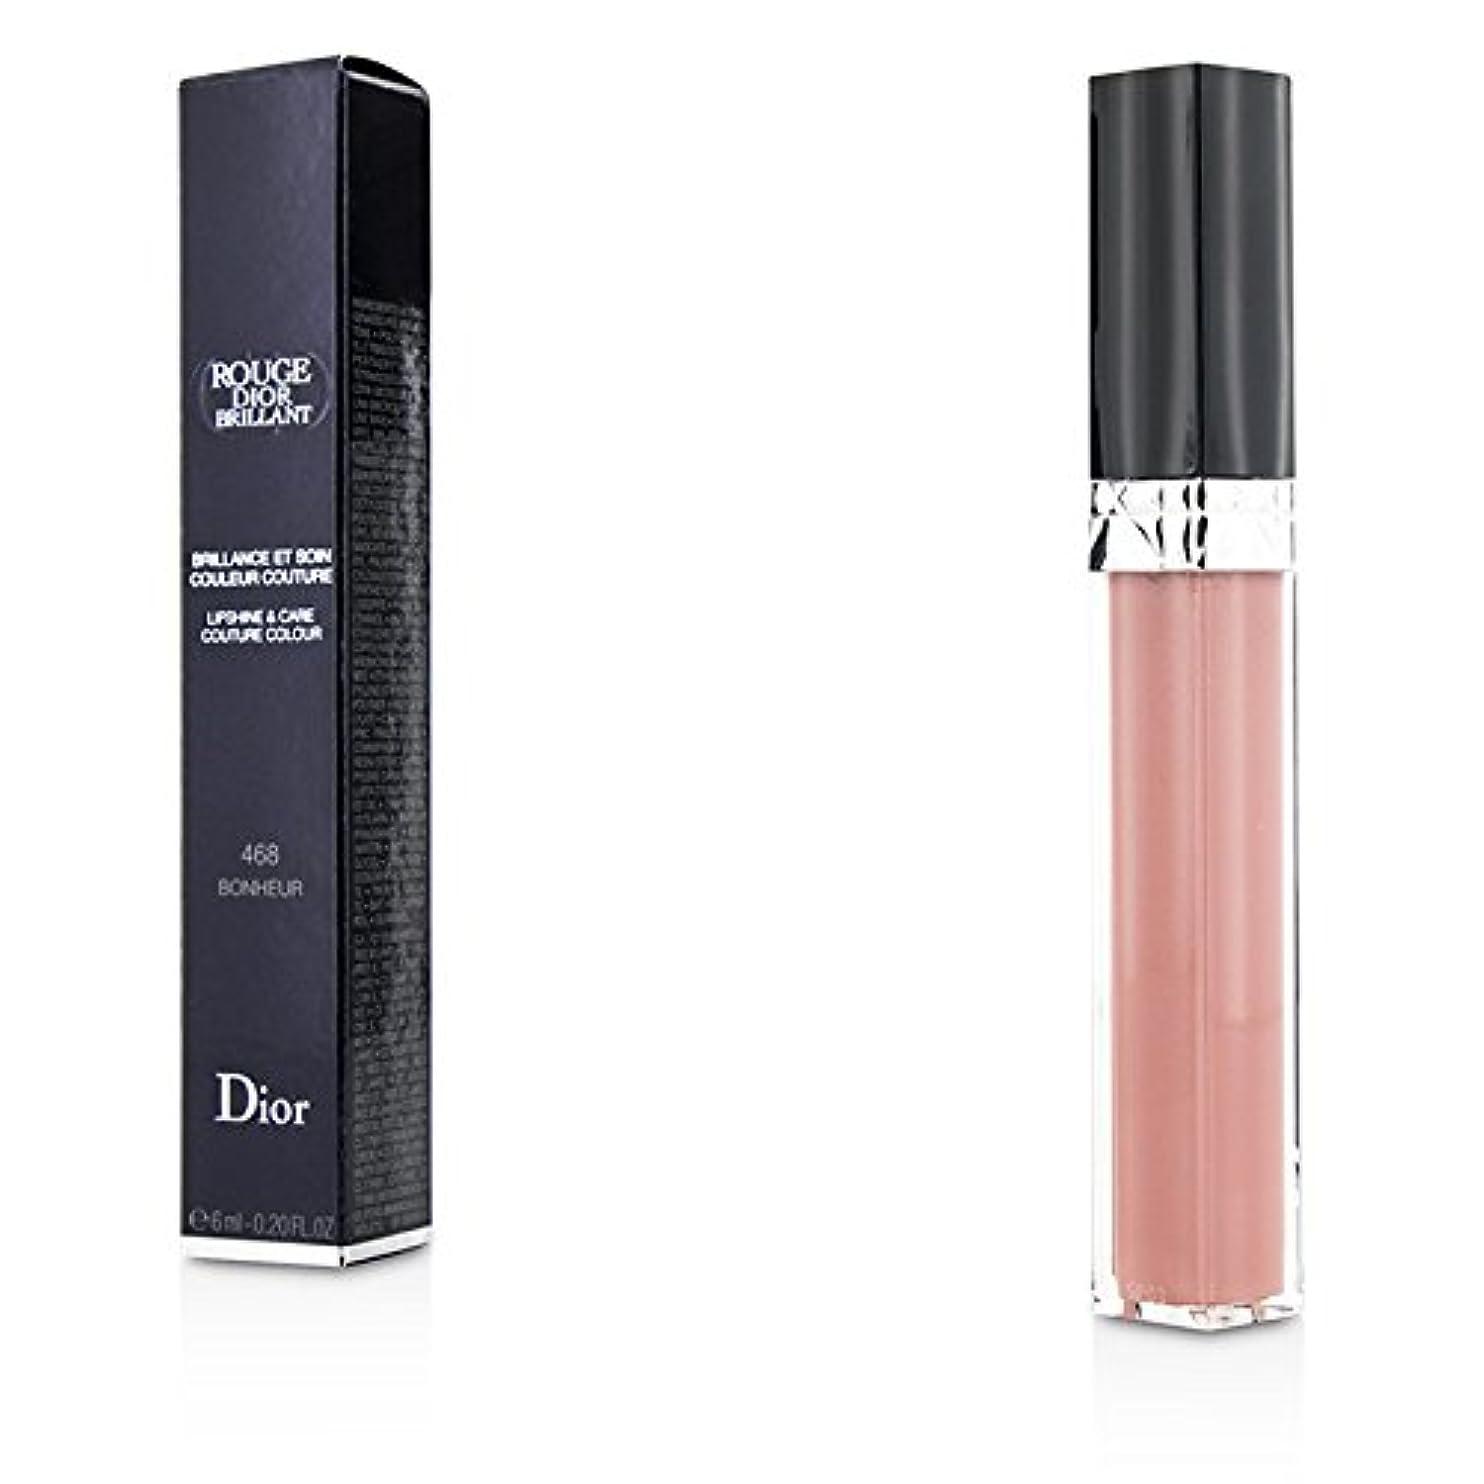 西汚染する虫クリスチャンディオール Rouge Dior Brillant Lipgloss - # 468 Bonheur 6ml/0.2oz並行輸入品